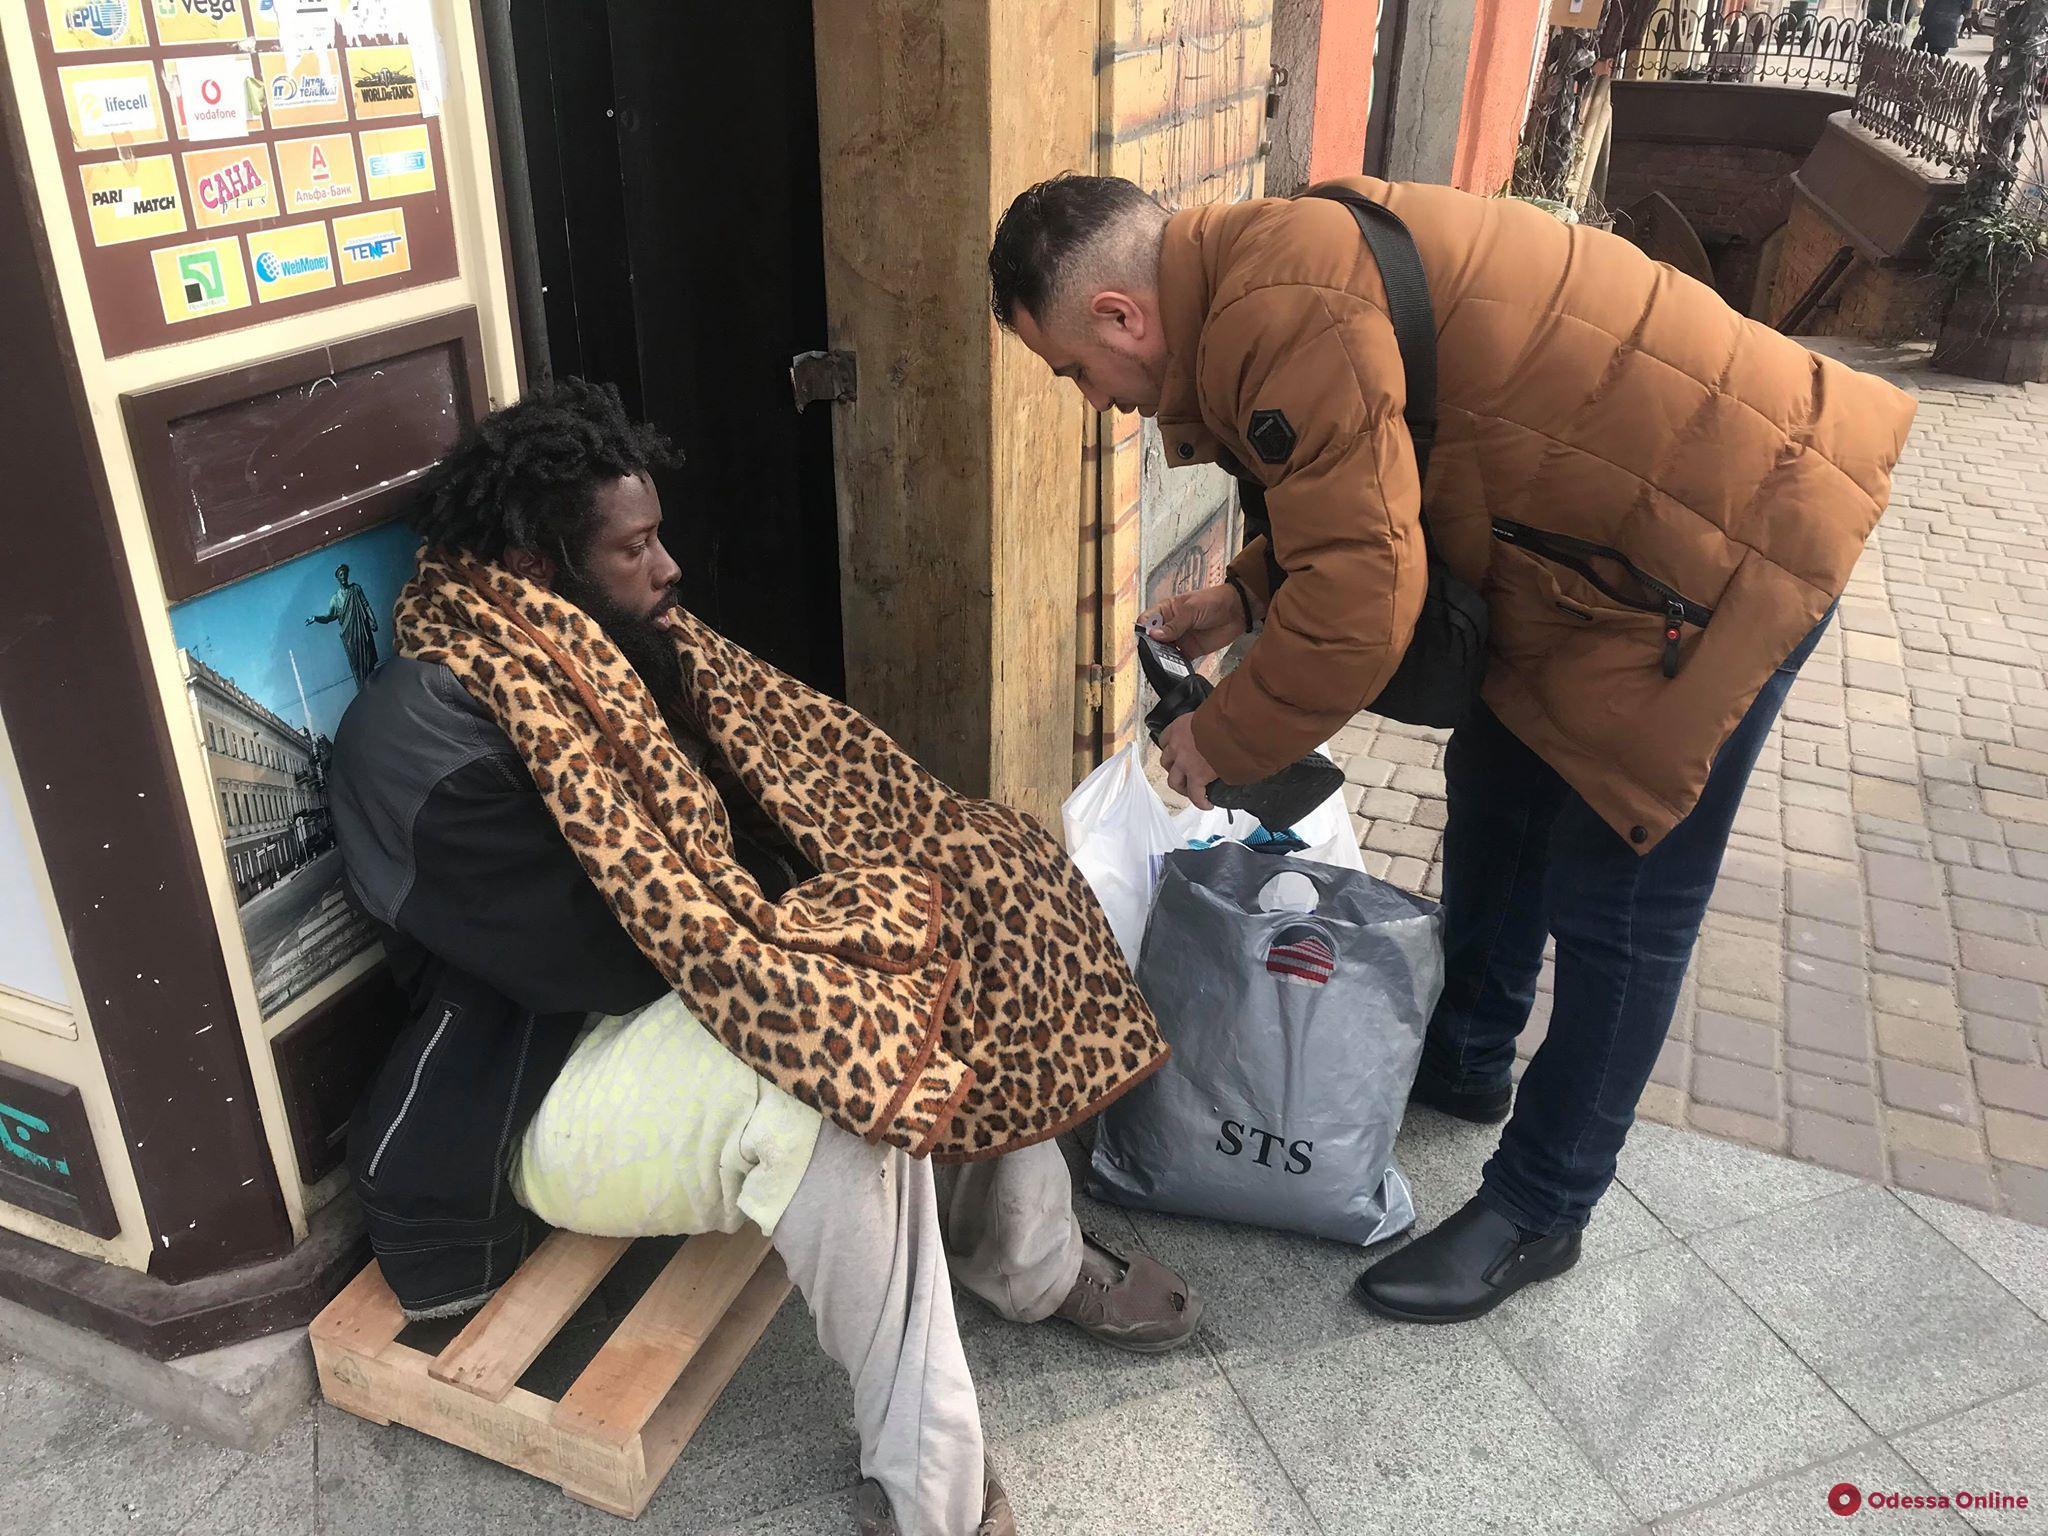 Максимально экстремальный туризм: иностранец-попрошайка перебирает едой и одеждой